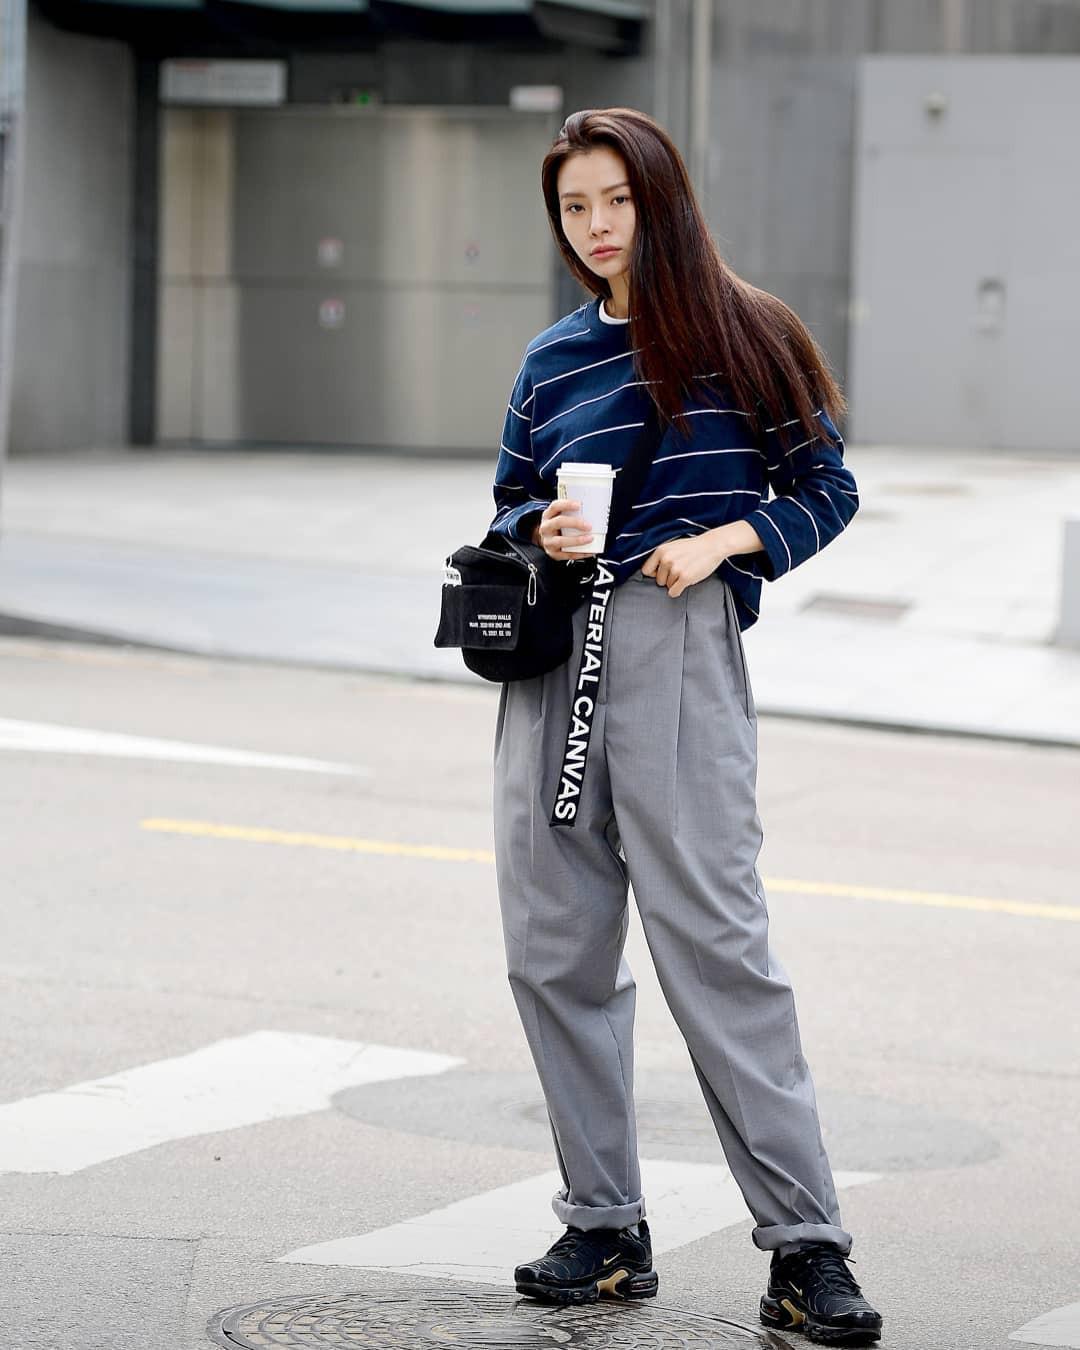 Lại phải ghen tị với khả năng lên đồ đơn giản mà chất như nước cất của giới trẻ Hàn - Ảnh 2.